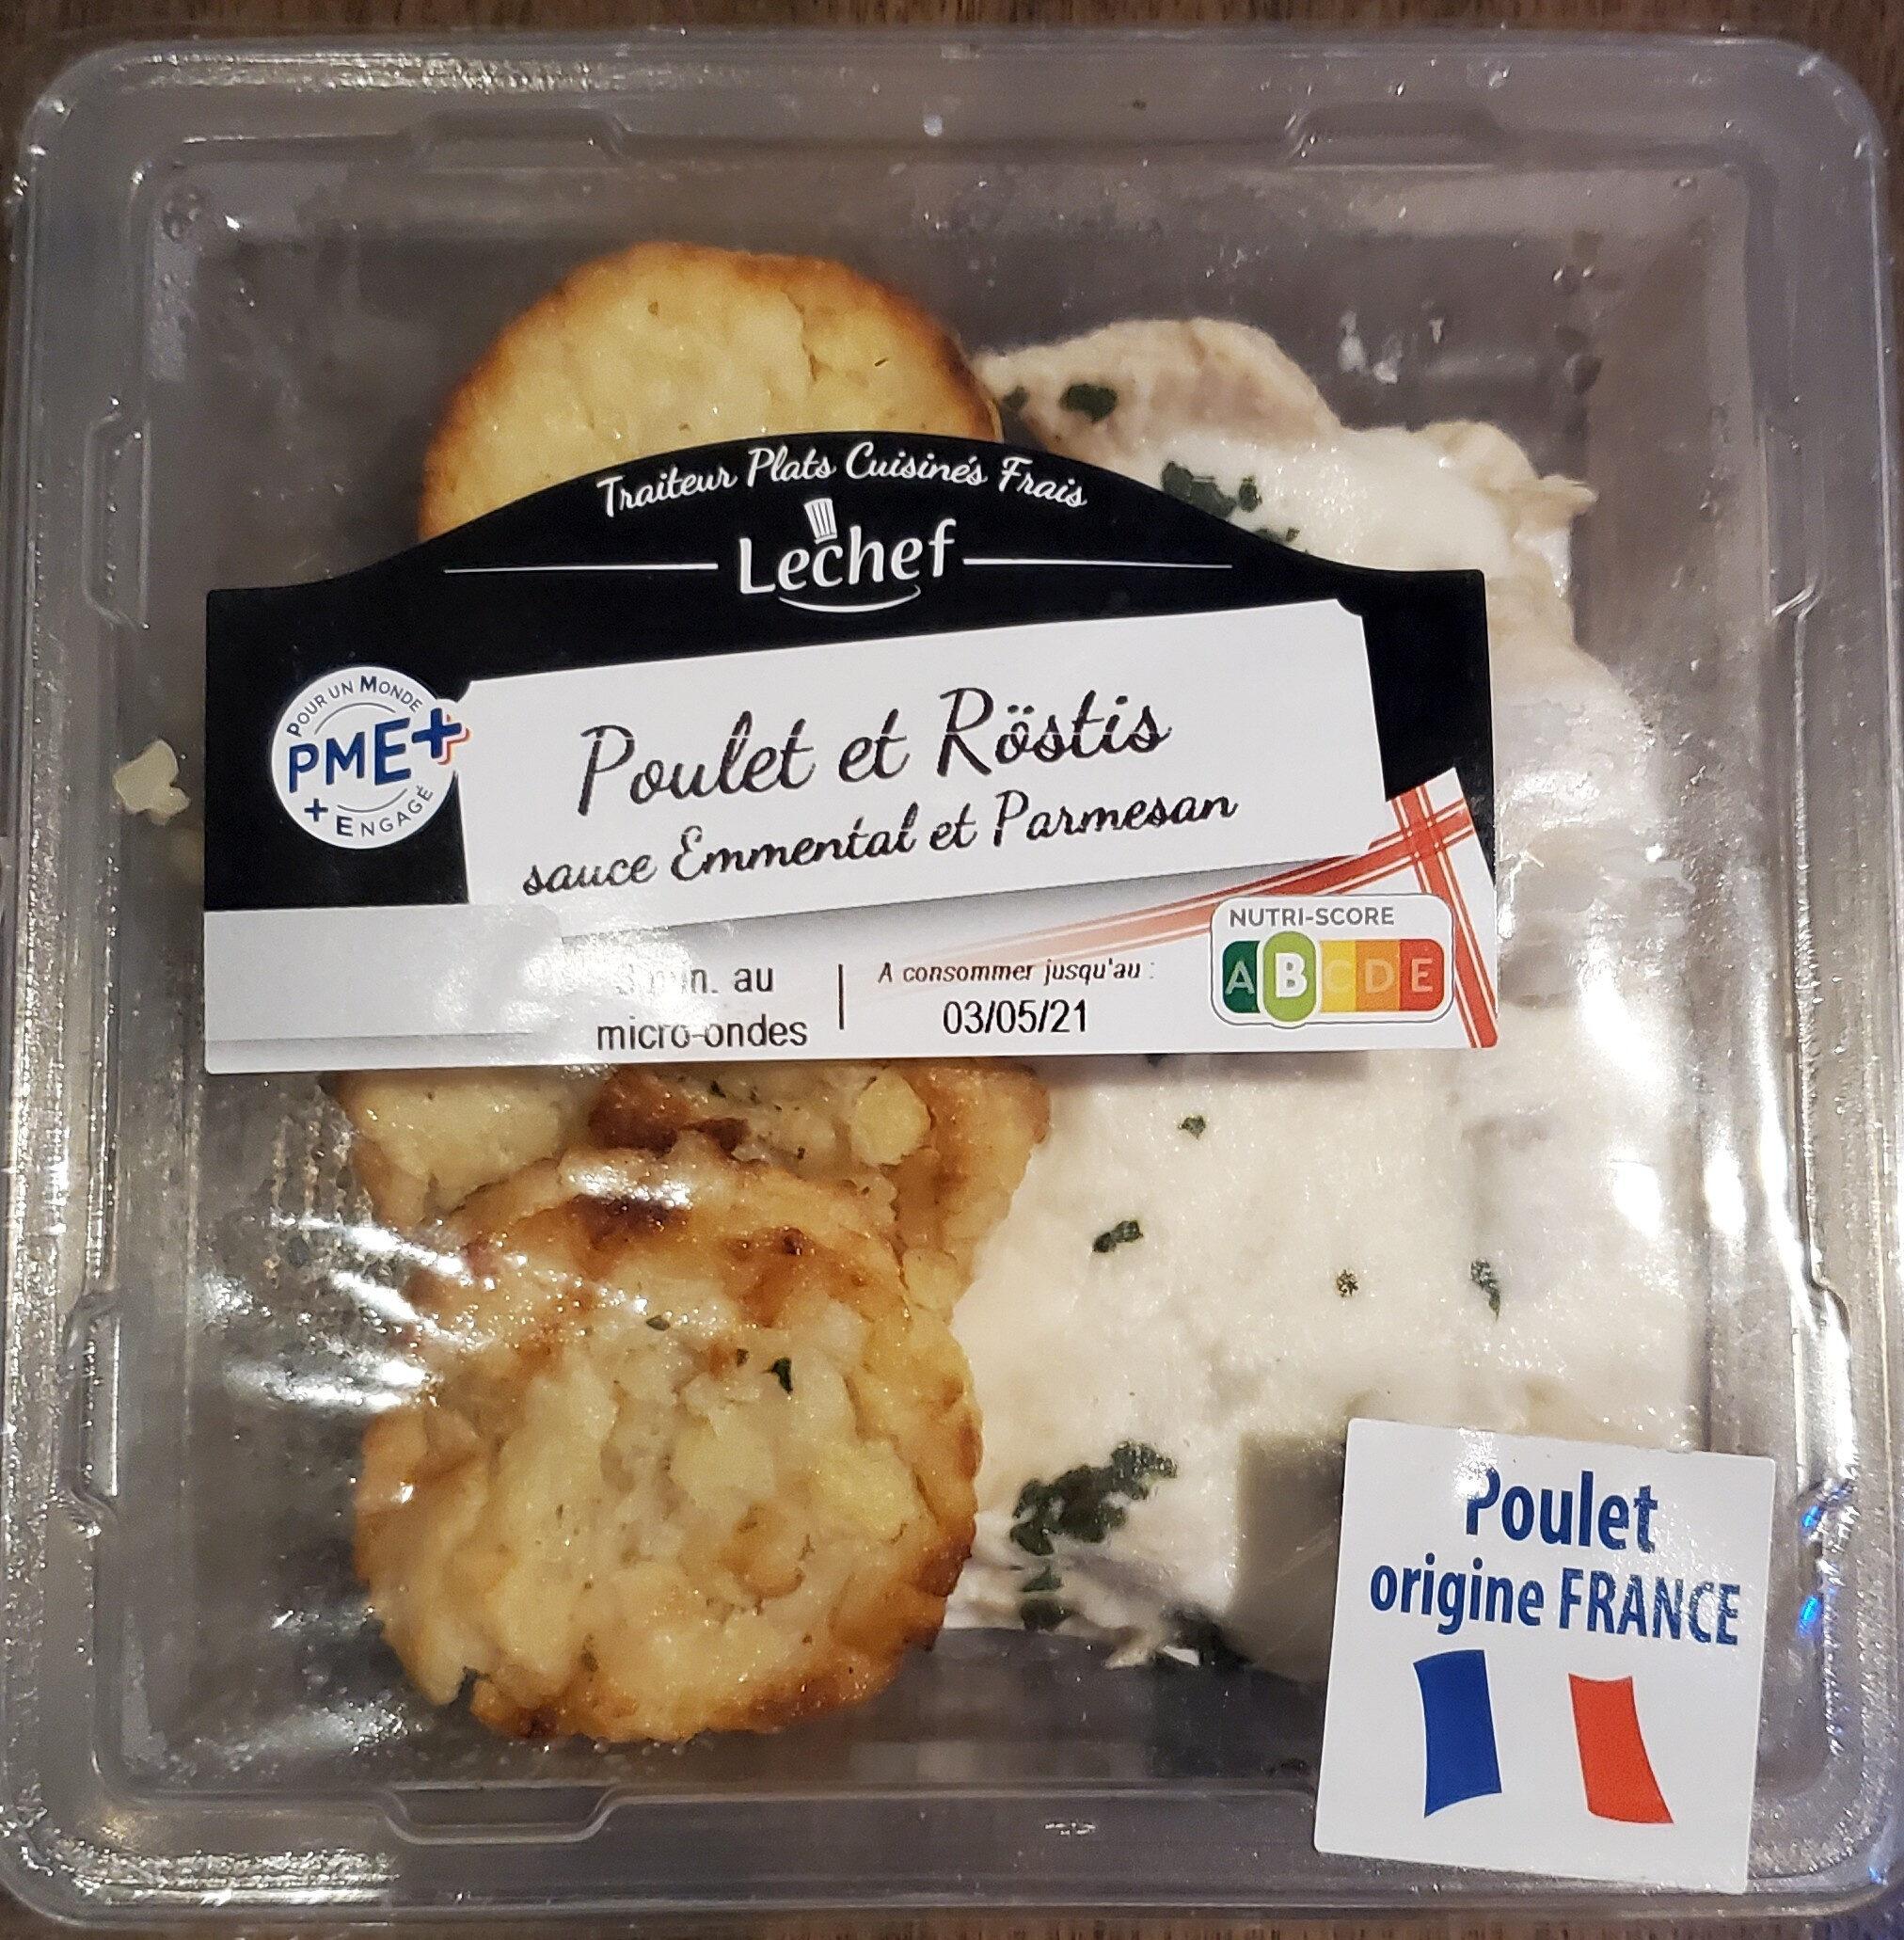 Poulet & Rostis sauce emmental & parmesan - Prodotto - fr